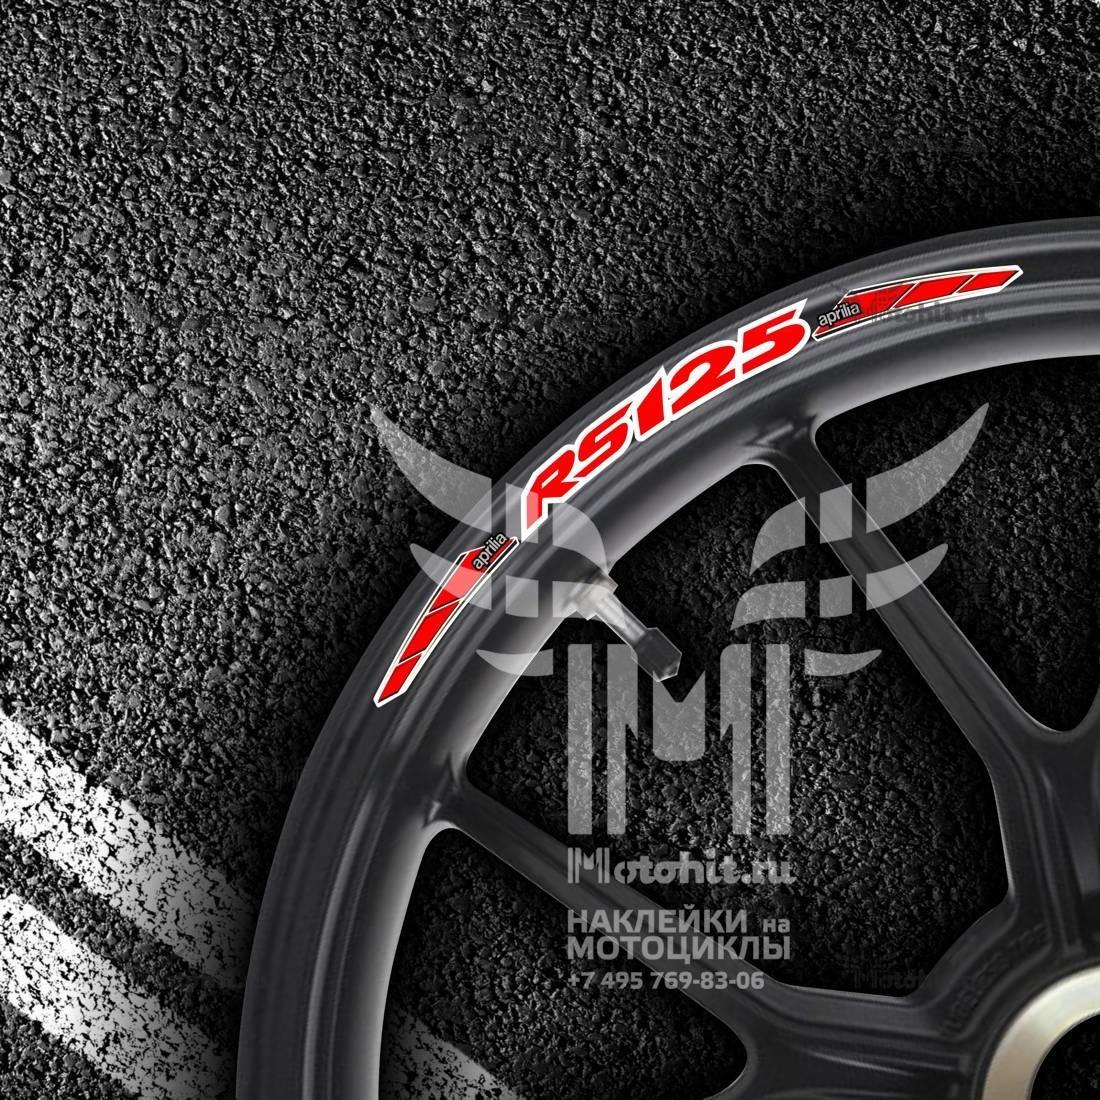 Комплект наклеек на обод колеса мотоцикла APRILIA RS-125